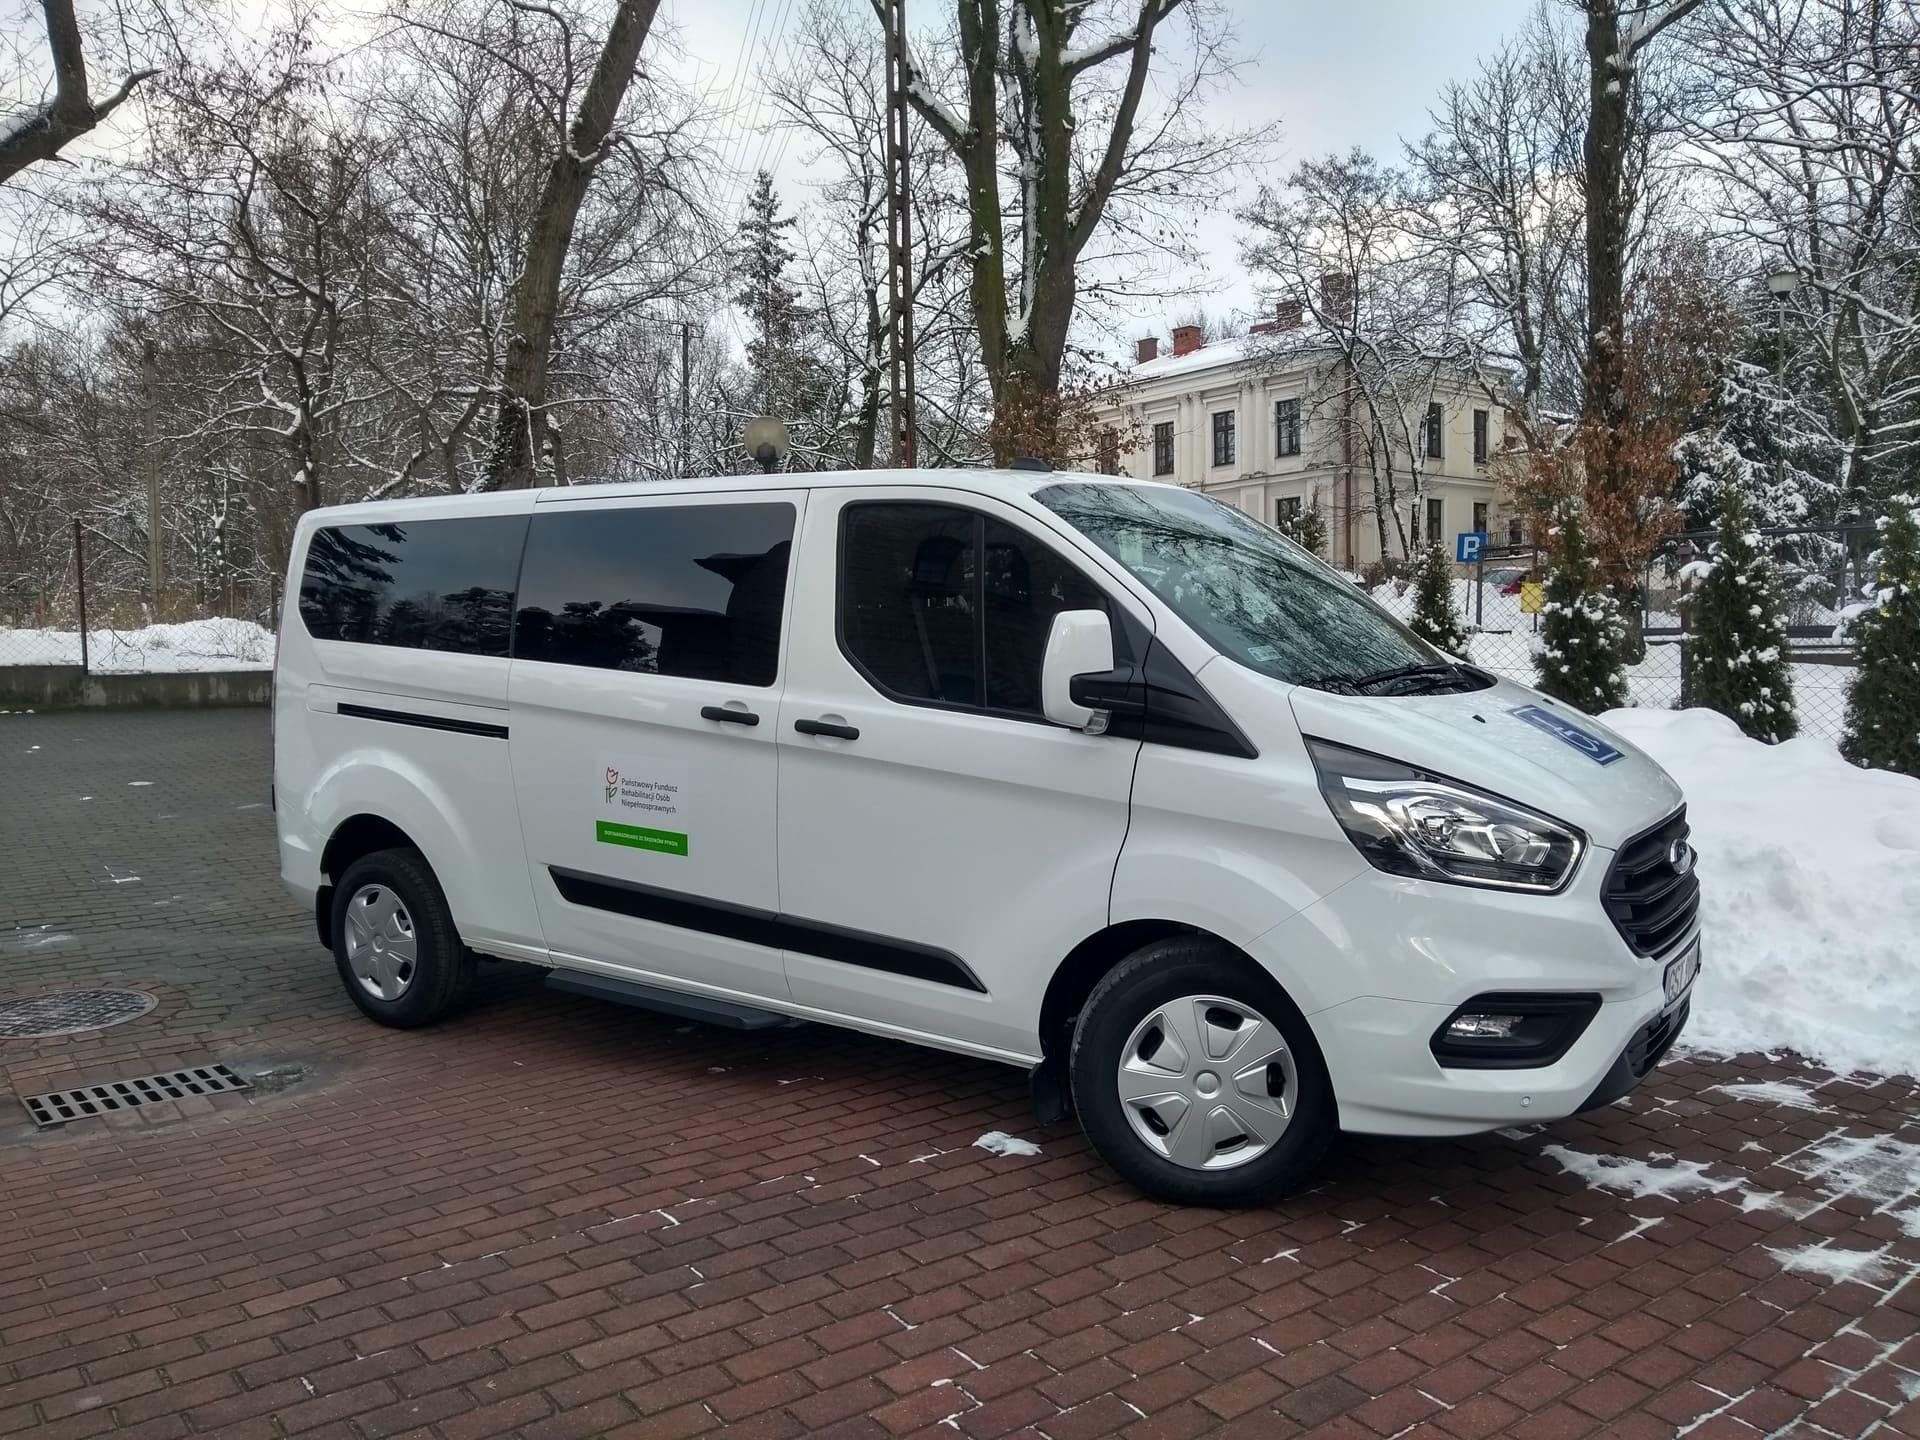 Duży biały samochód marki FORD z przyciemnianymi szybami z napisami dofinansowano ze środków PFRON. W tle pałac - główna siedziba DPS oraz drzewa